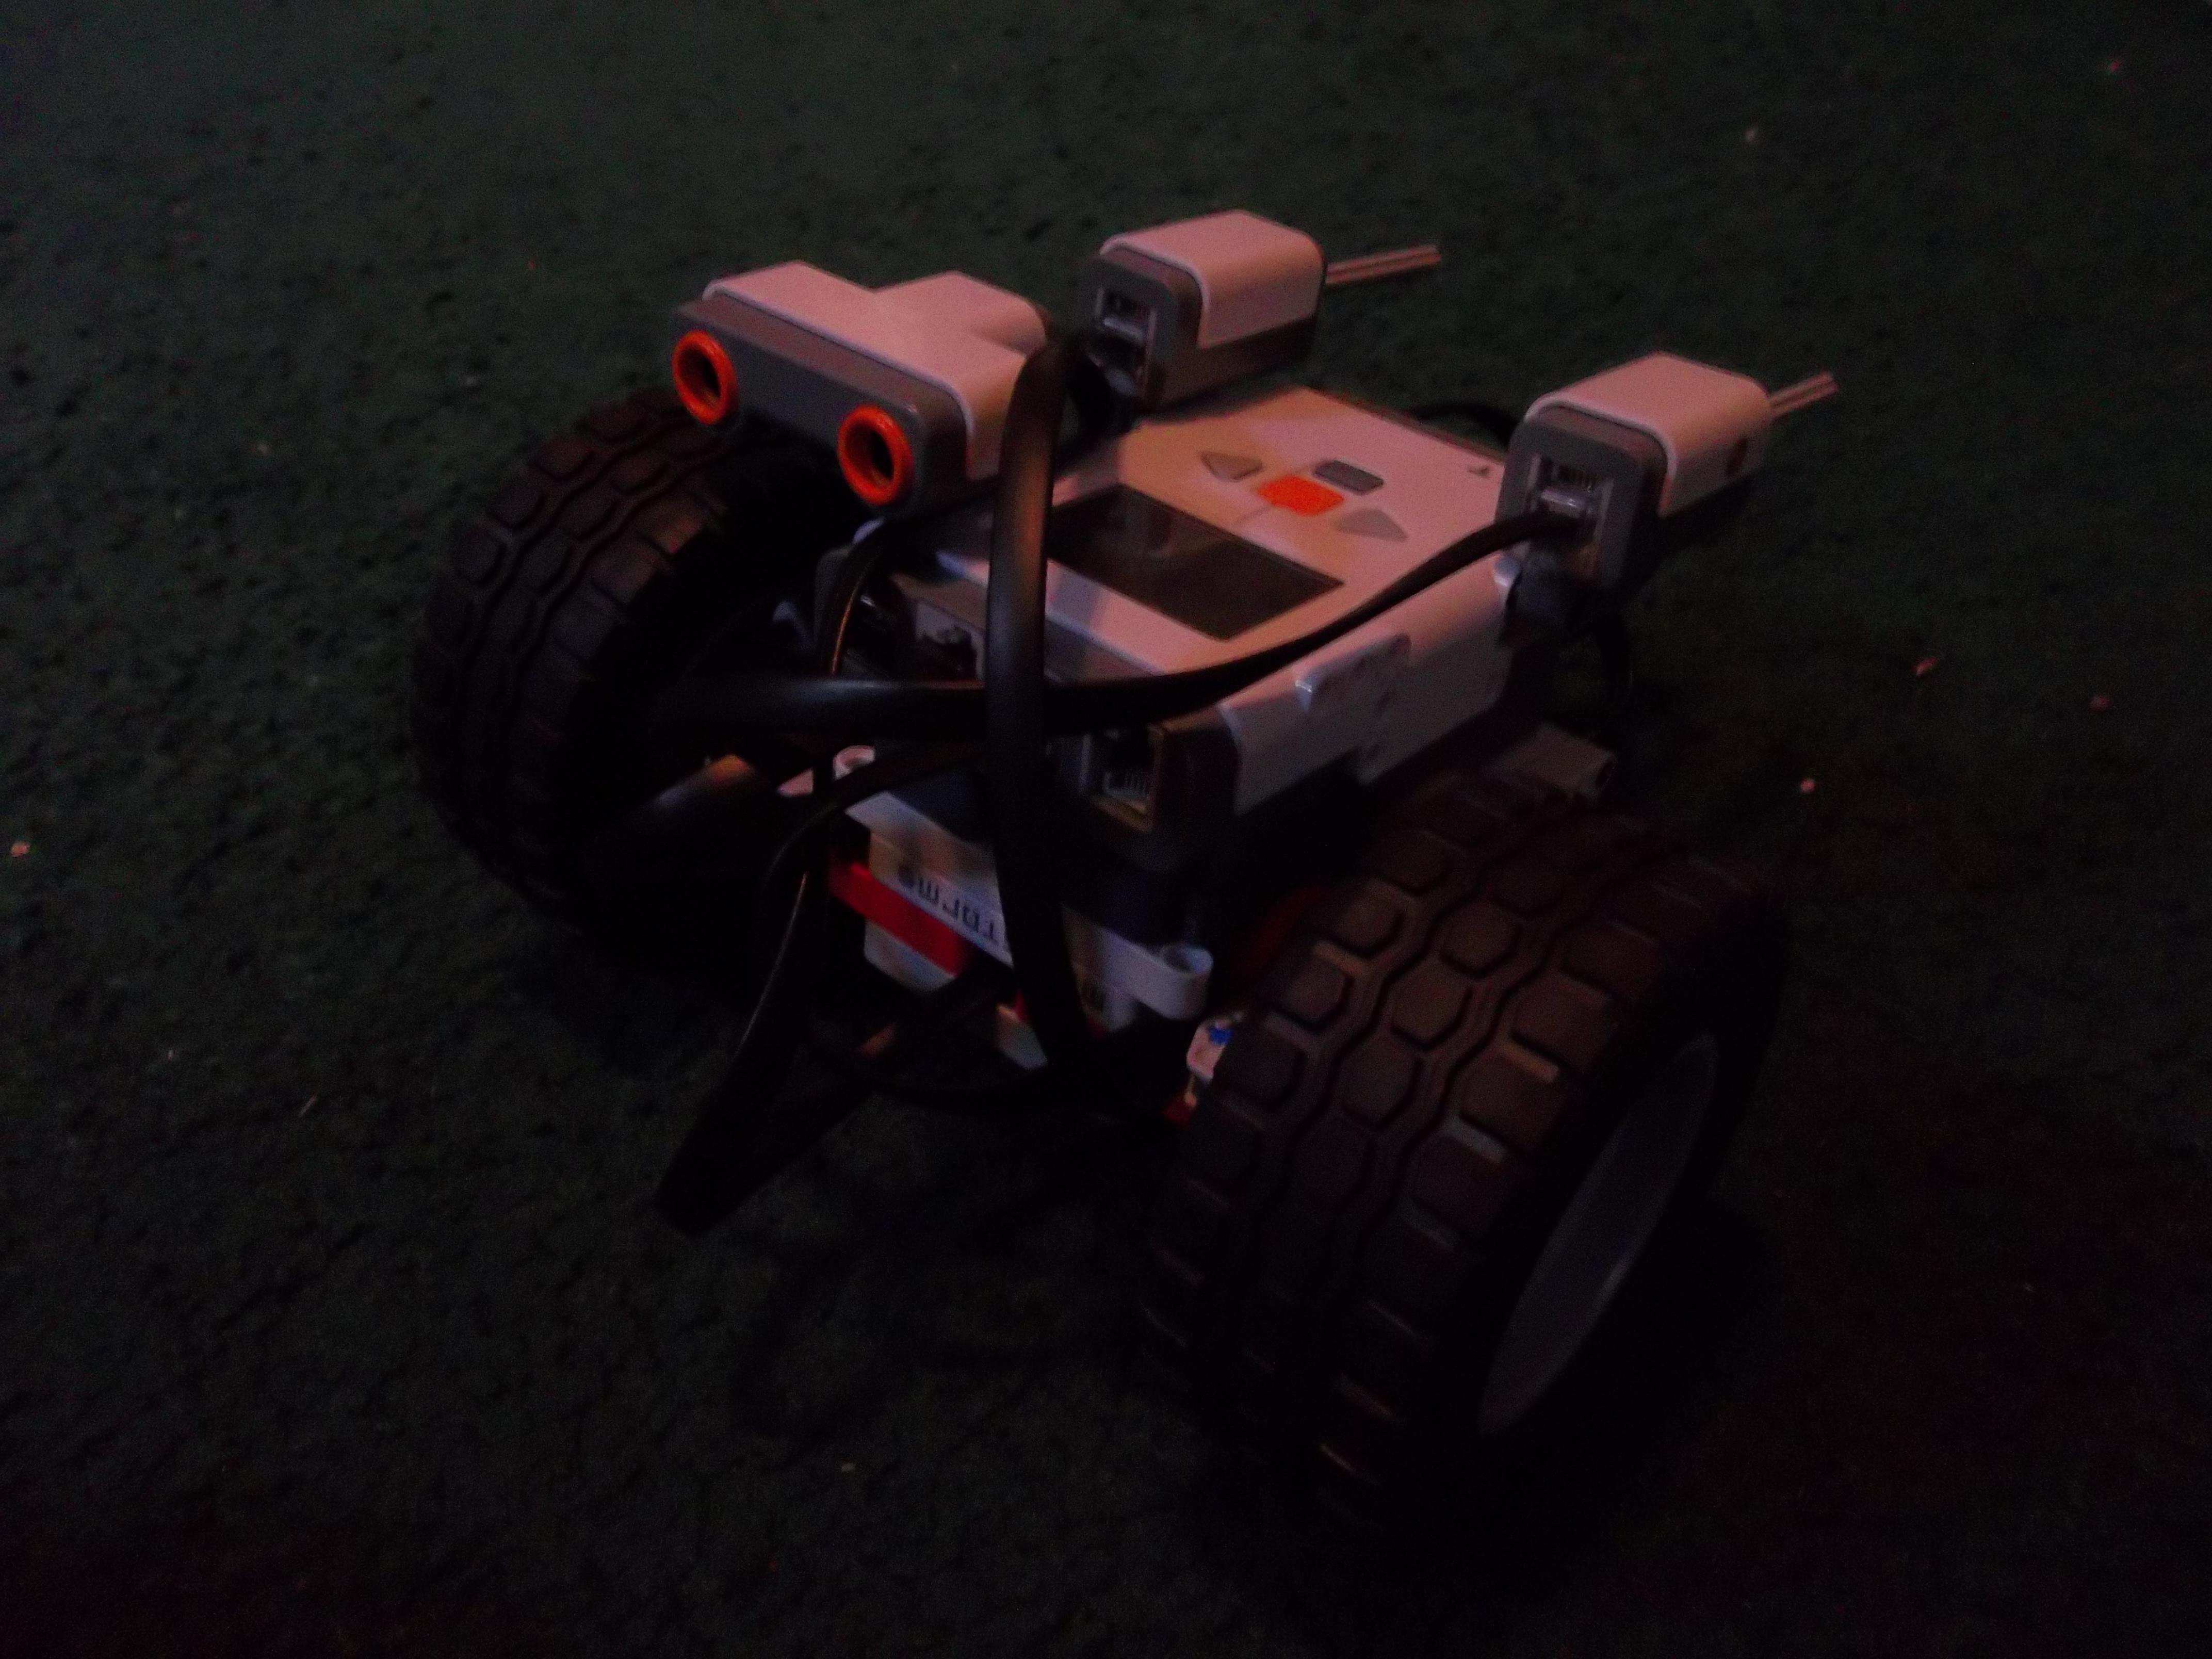 simple Lego mindstorms autonomous drone